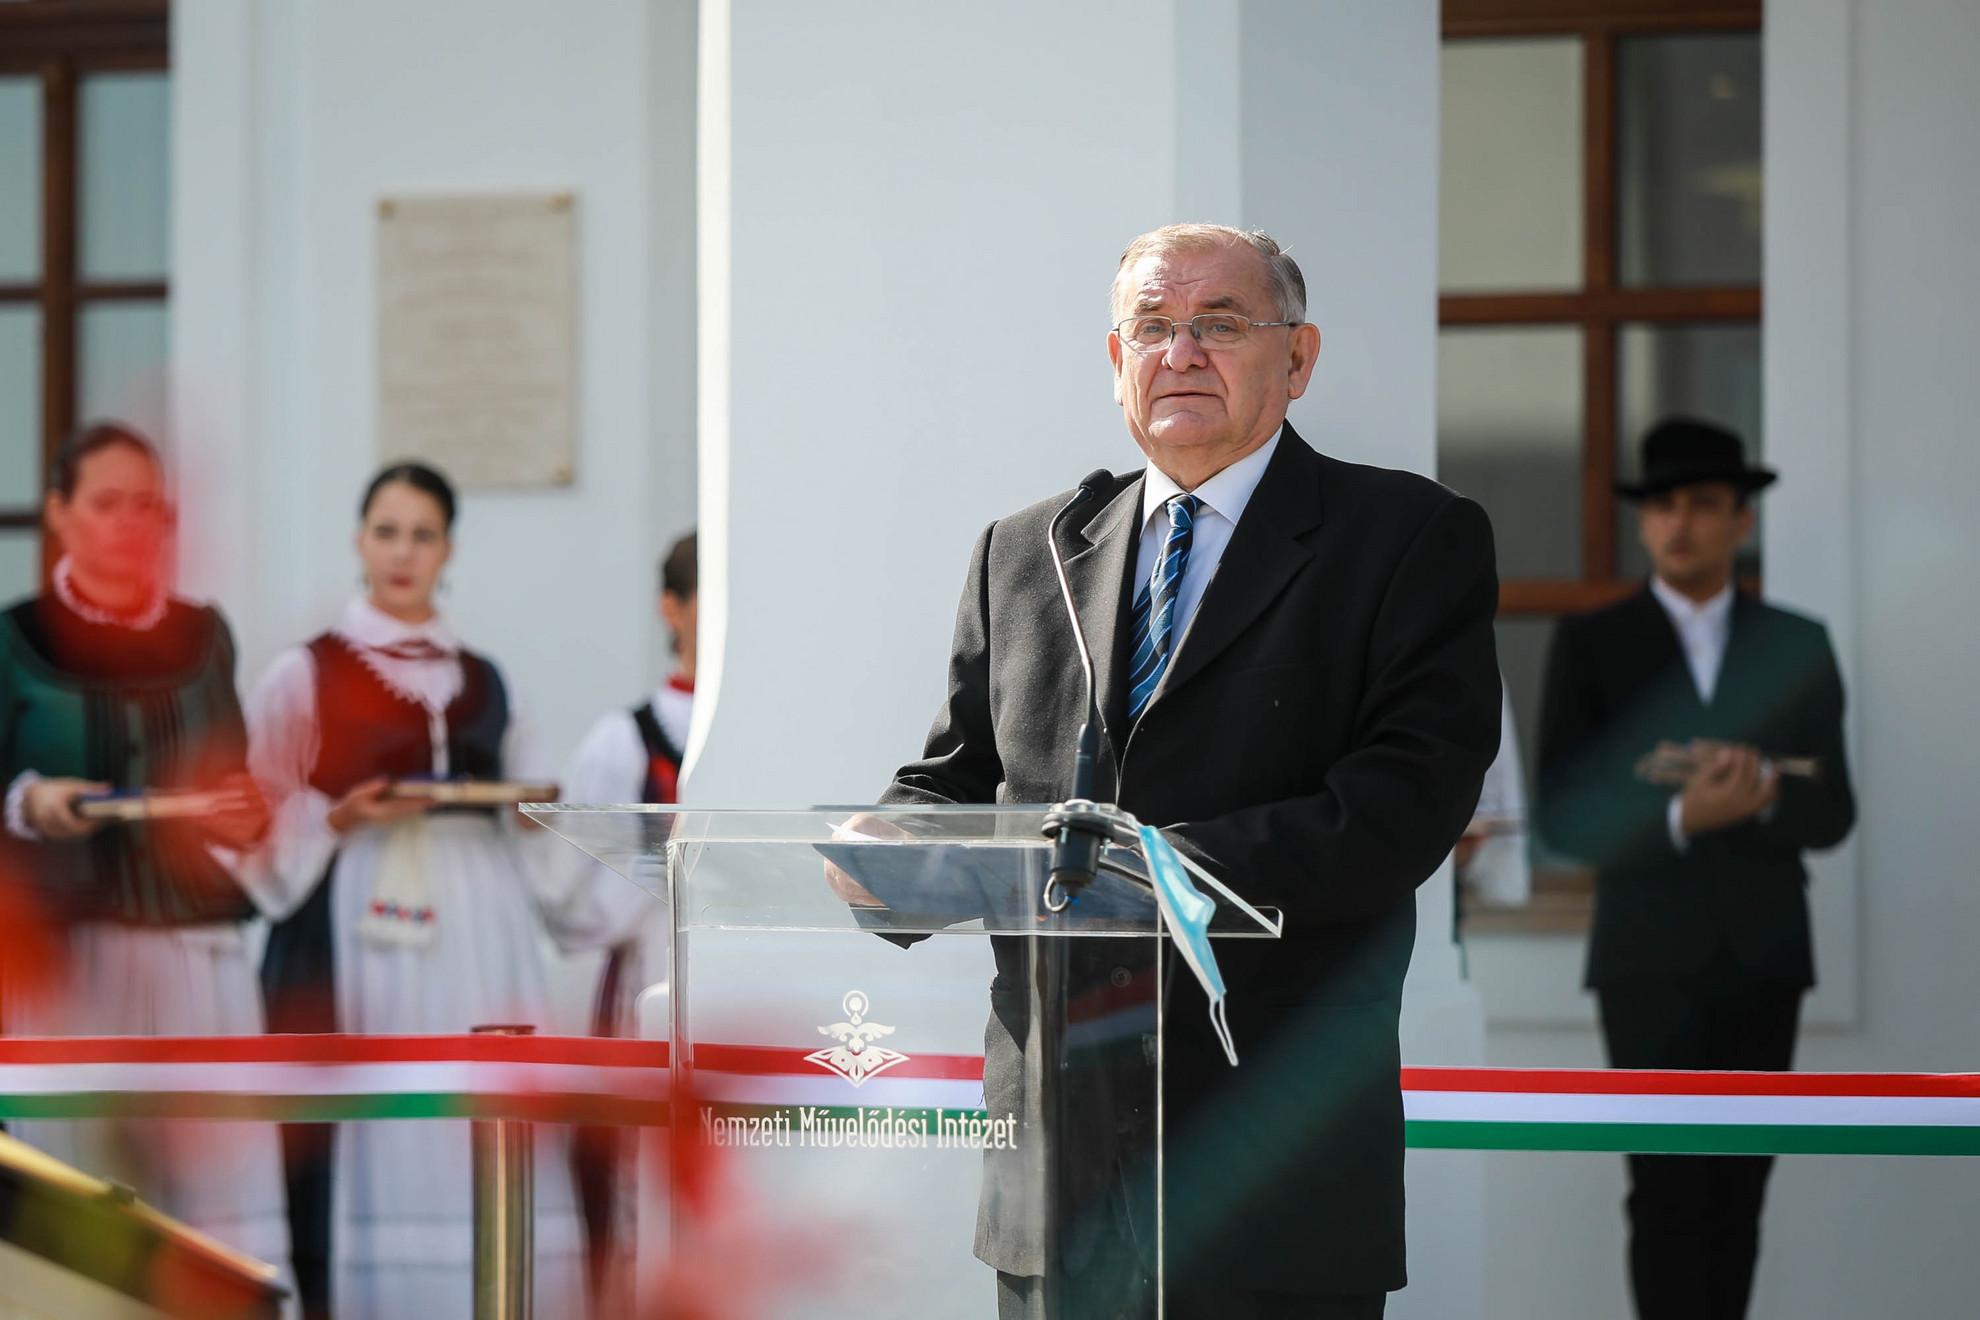 Lezsák Sándor, az Országgyűlés alelnöke és a Lakitelek Népfőiskola Alapítvány elnöke